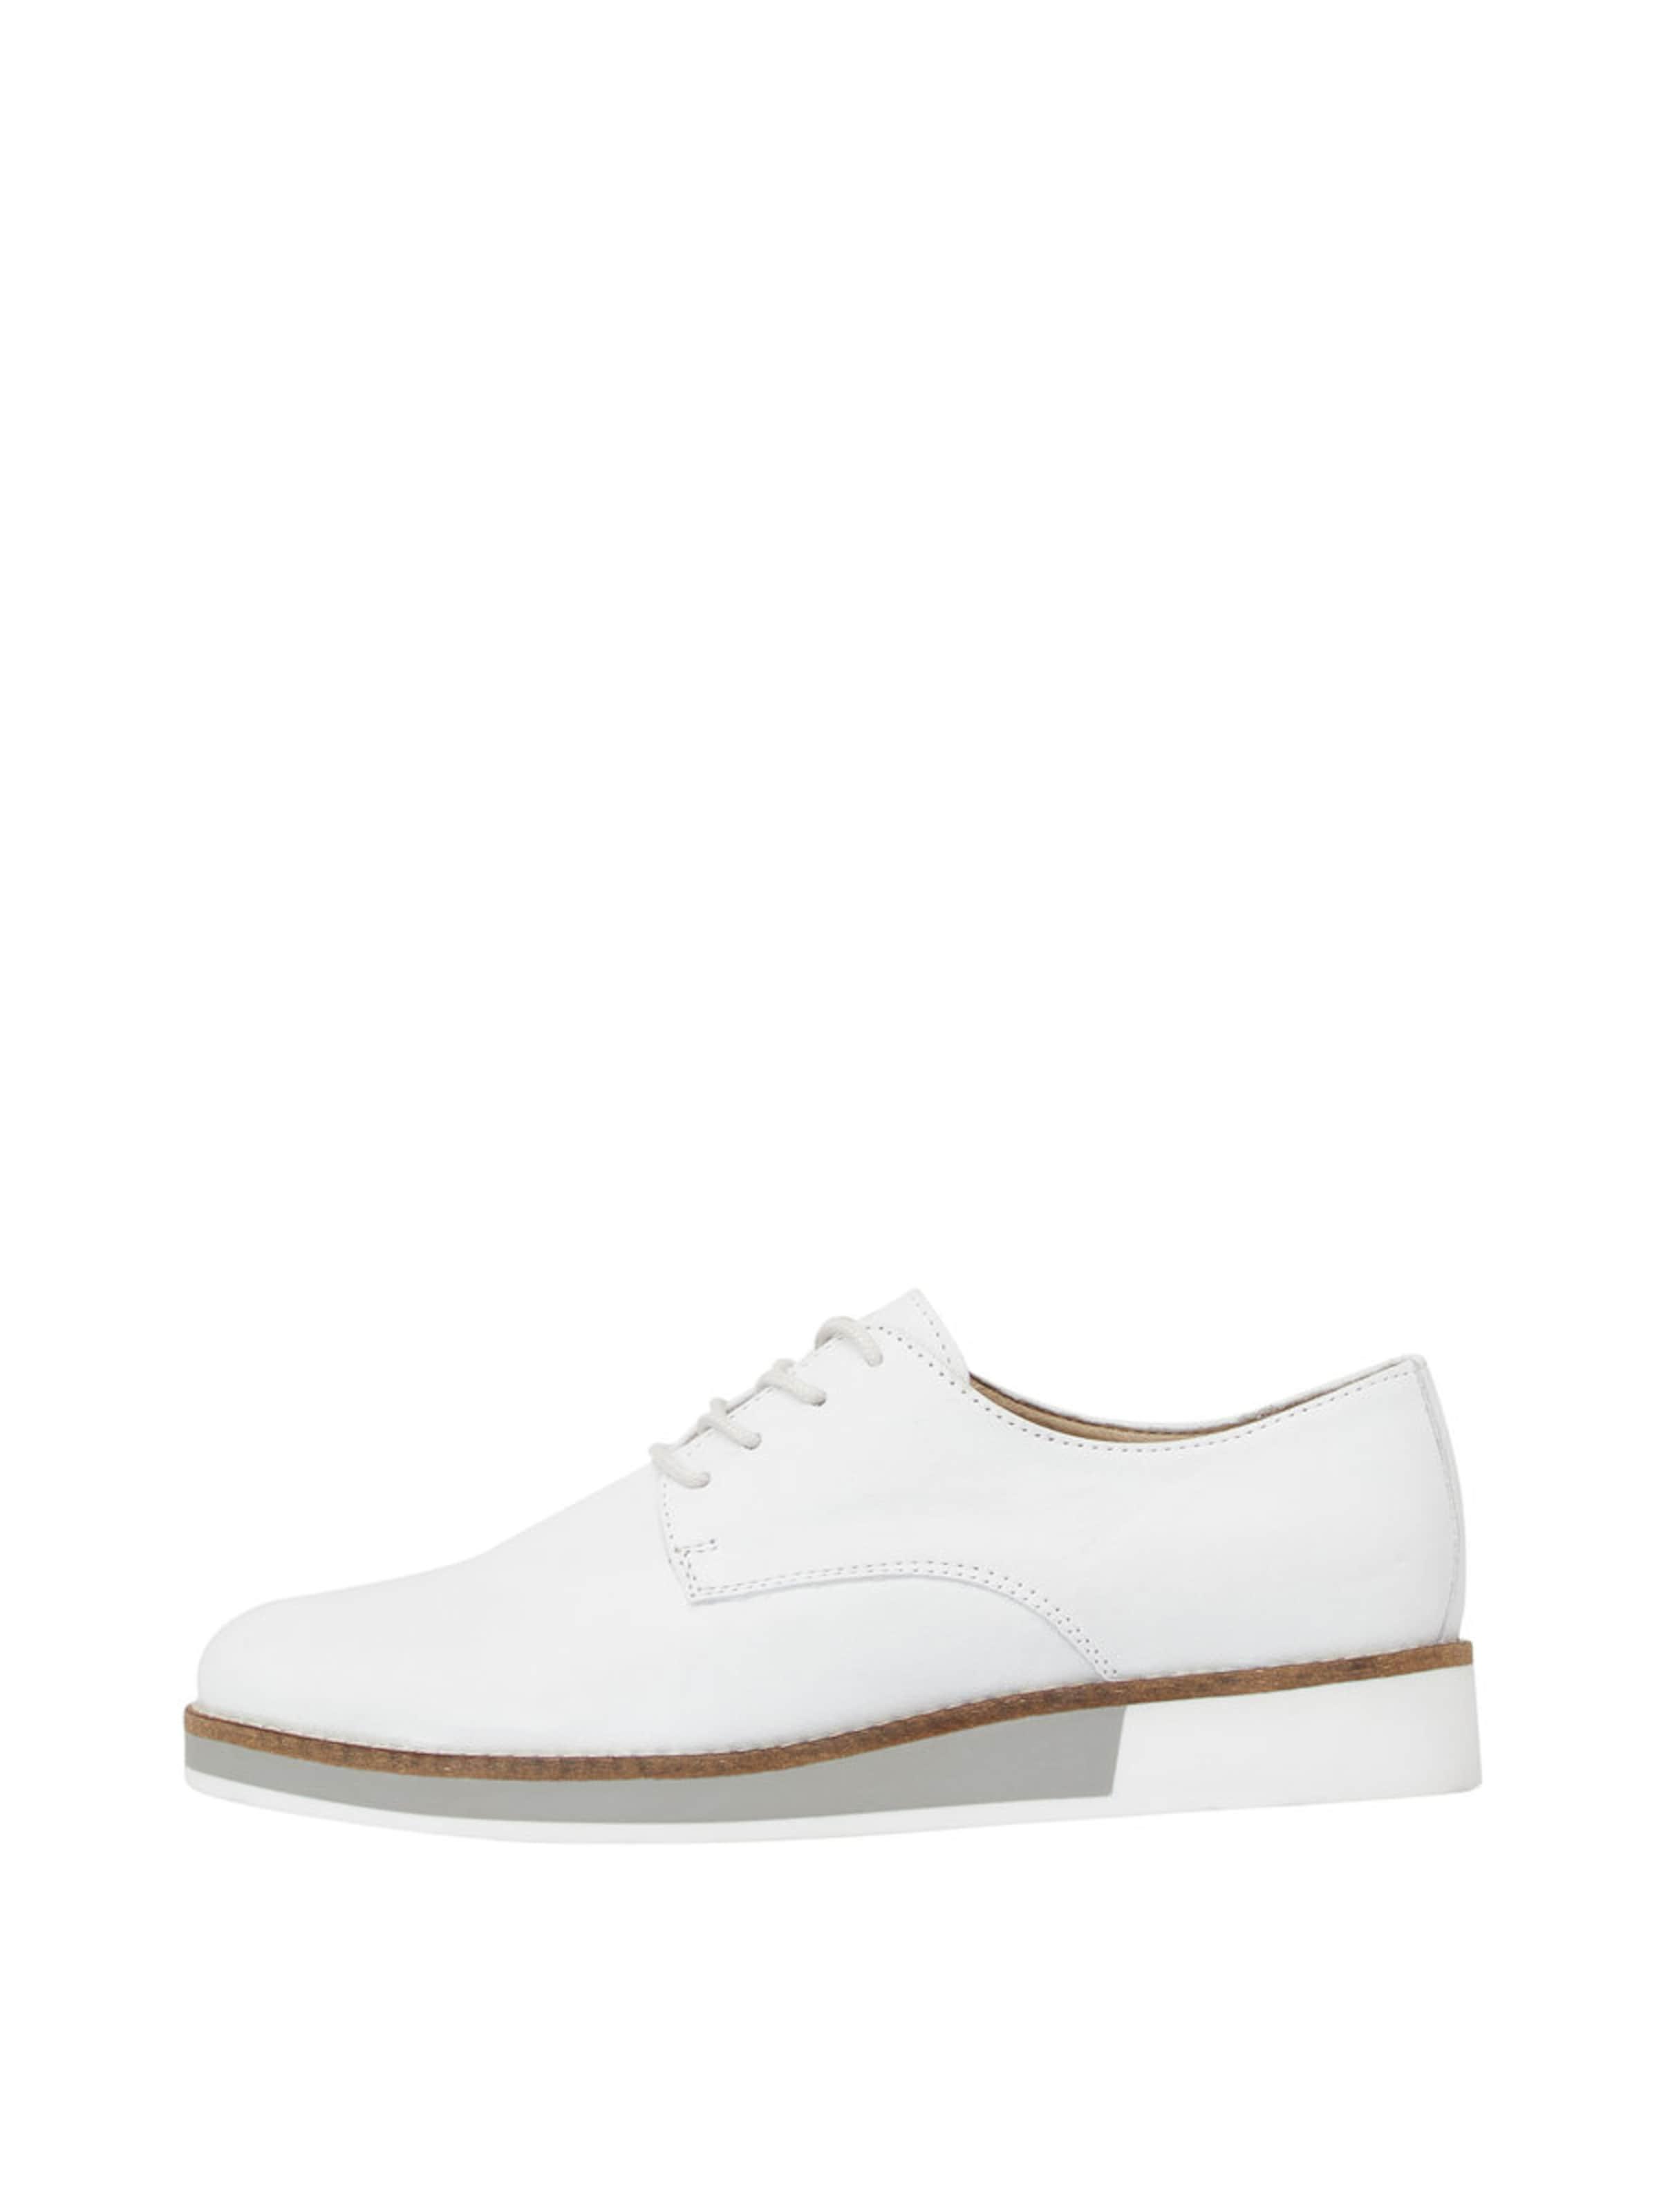 Bianco Zweiton Schnür Schuhe Verschleißfeste billige Schuhe